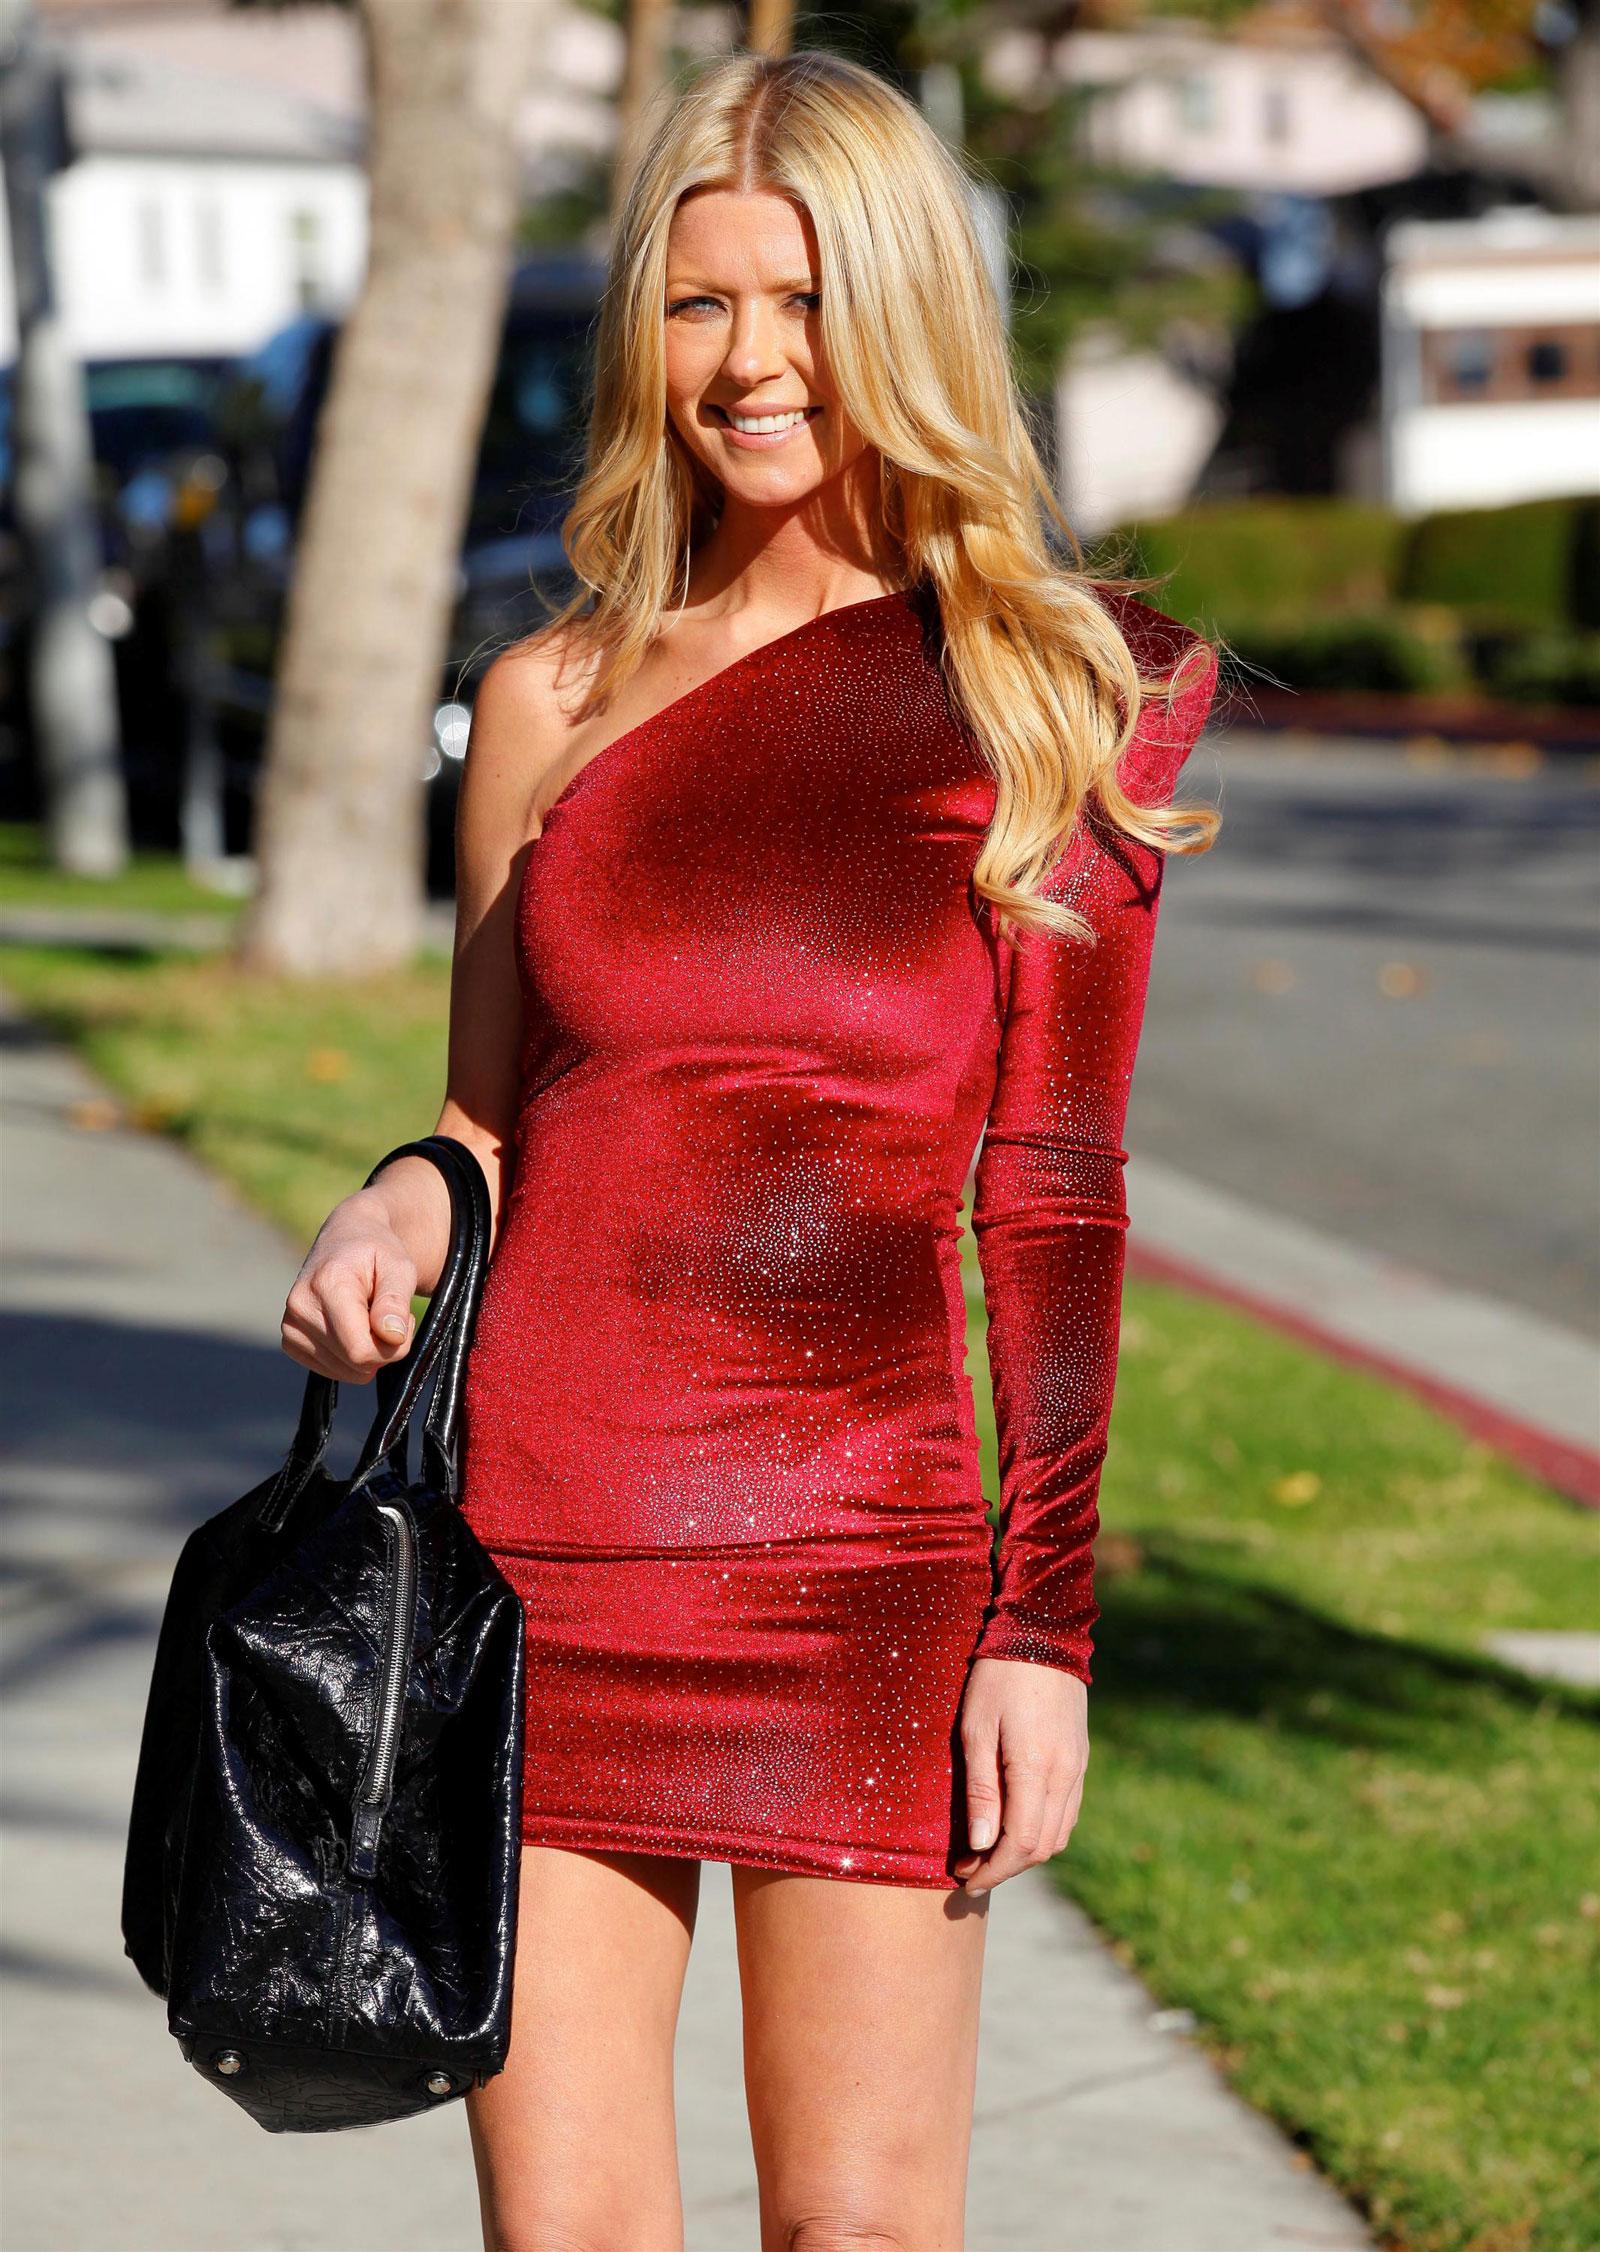 Tara Reid Dresses